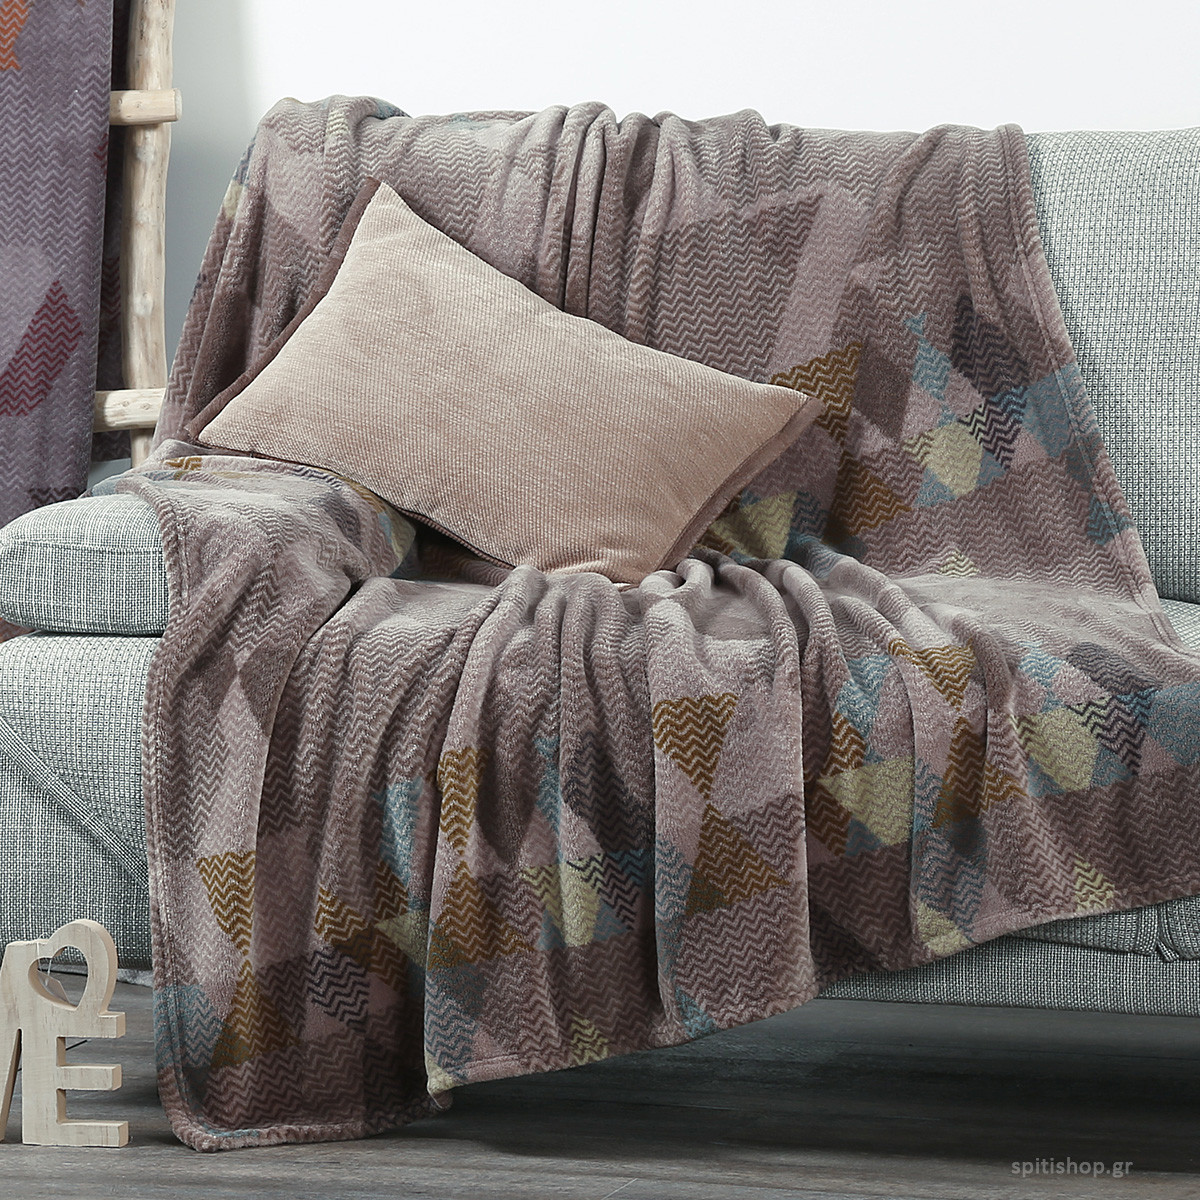 Κουβέρτα Καναπέ Nef-Nef Vitro Beige